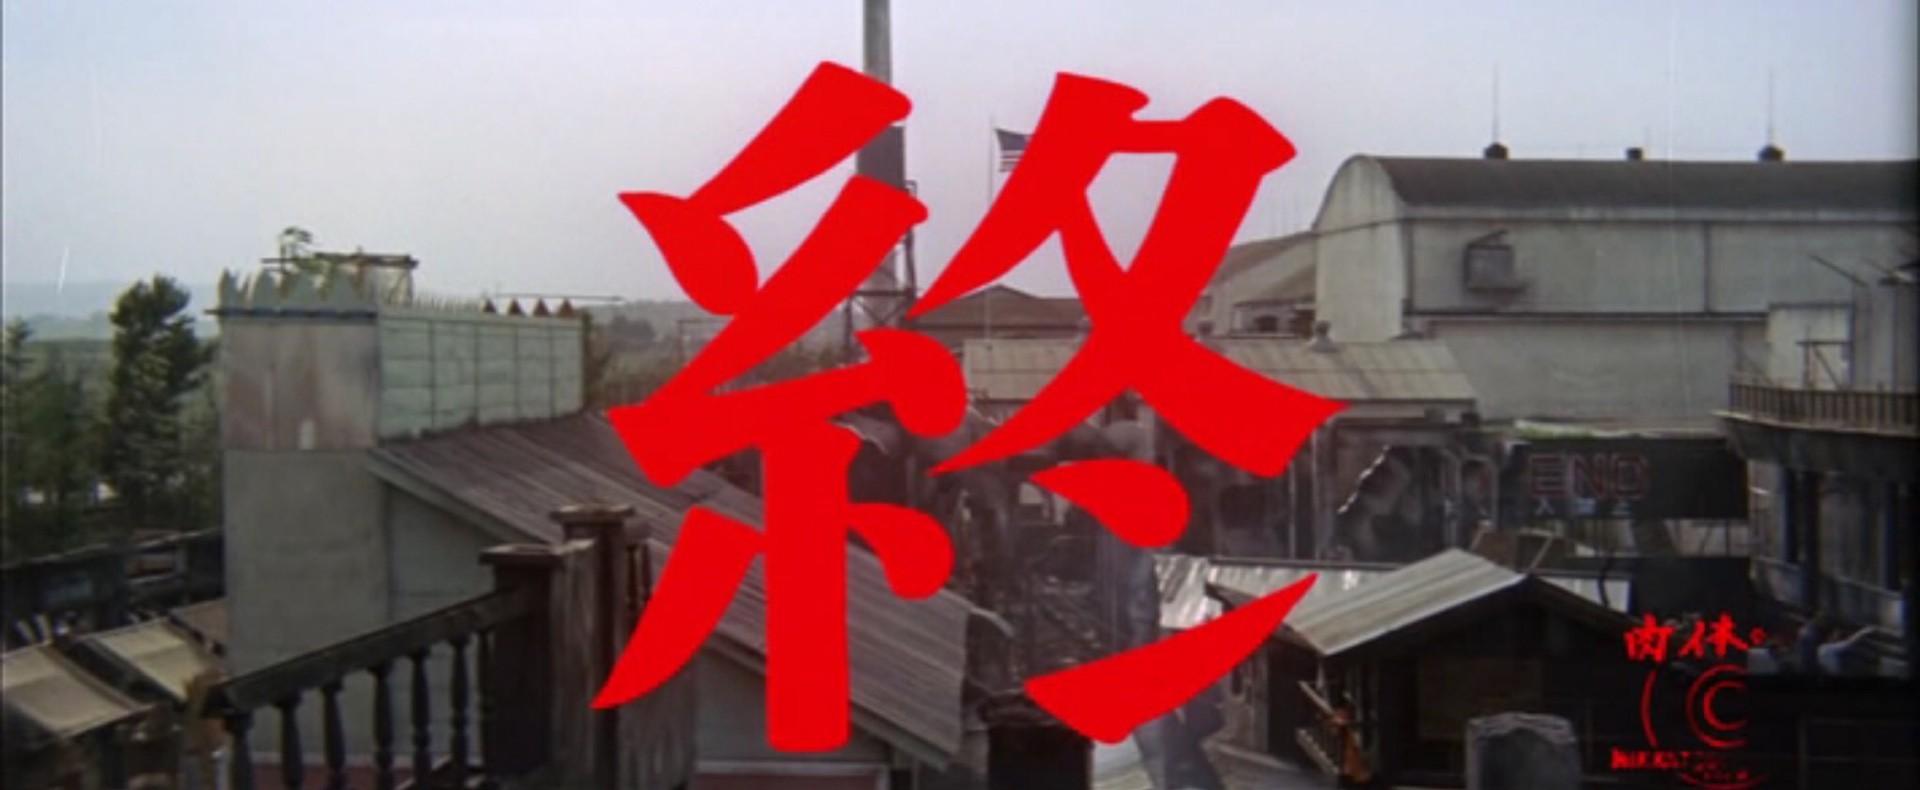 むかしの映画は「完」とか「終」で突然終わるのが面白いよね! : himag